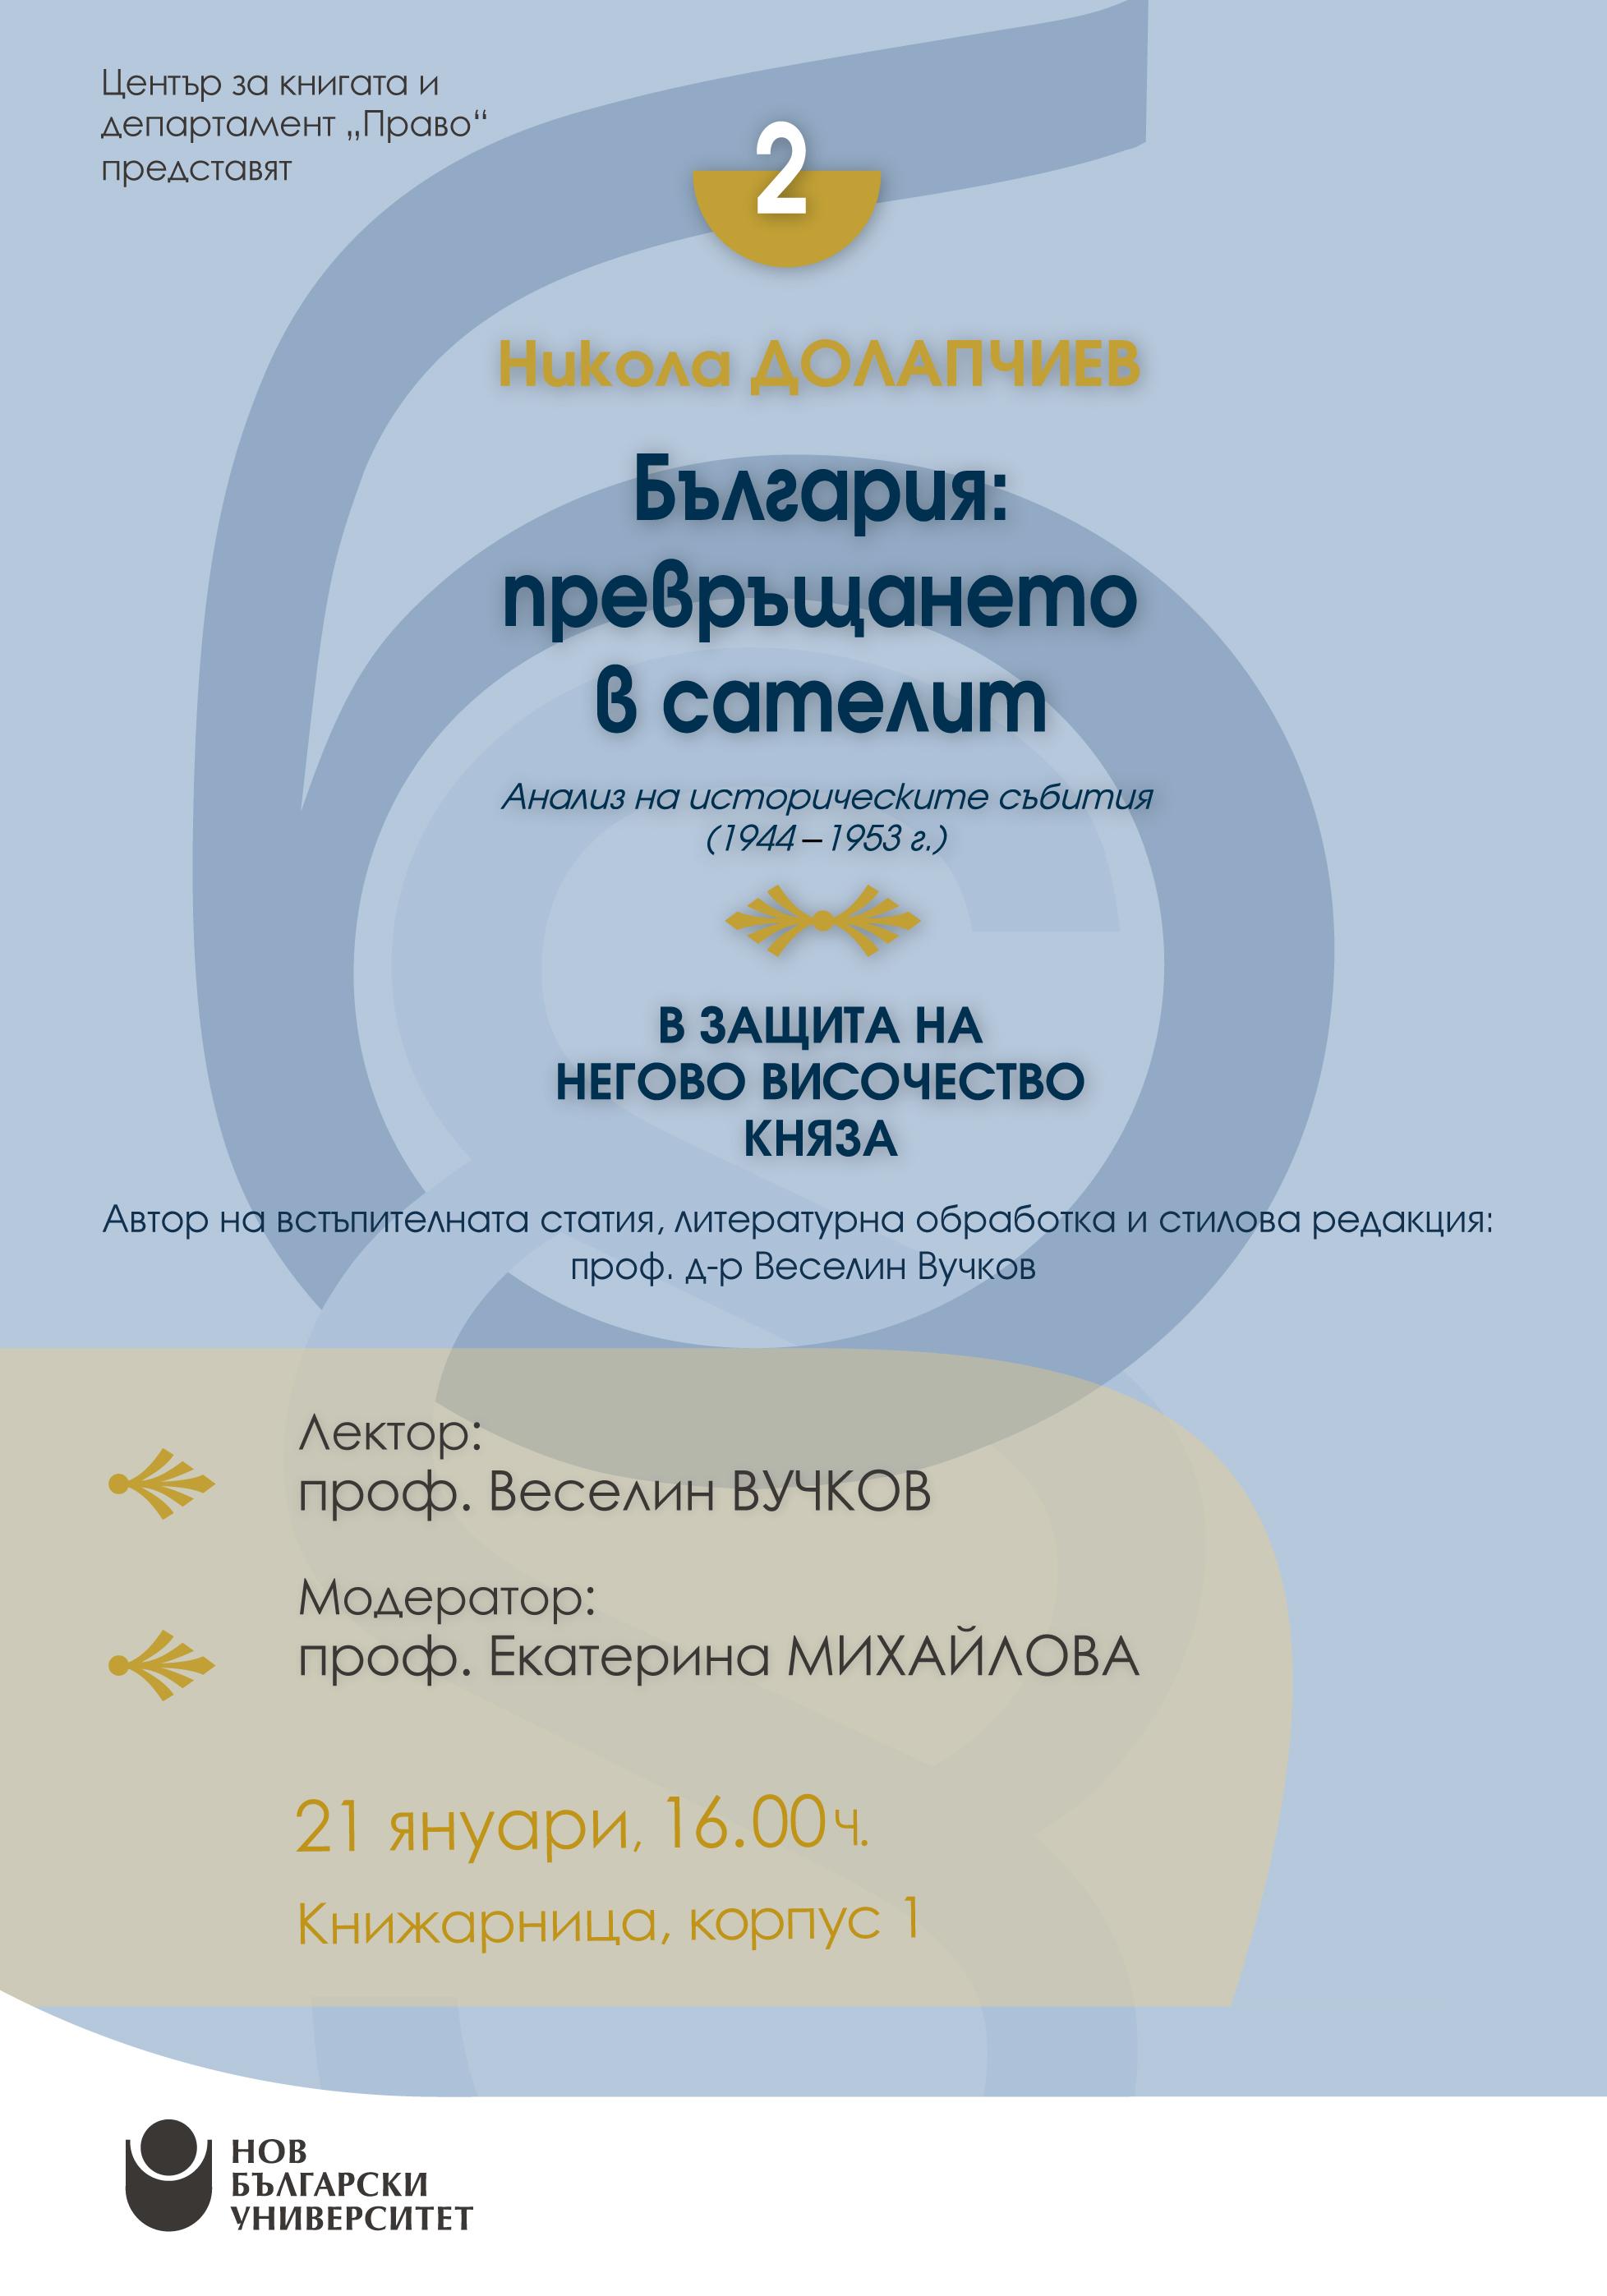 """Представяне на """"България: превръщането в сателит (анализ на историческите събития от 1944 до 1953 г.). В защита на Негово Височество княза"""""""